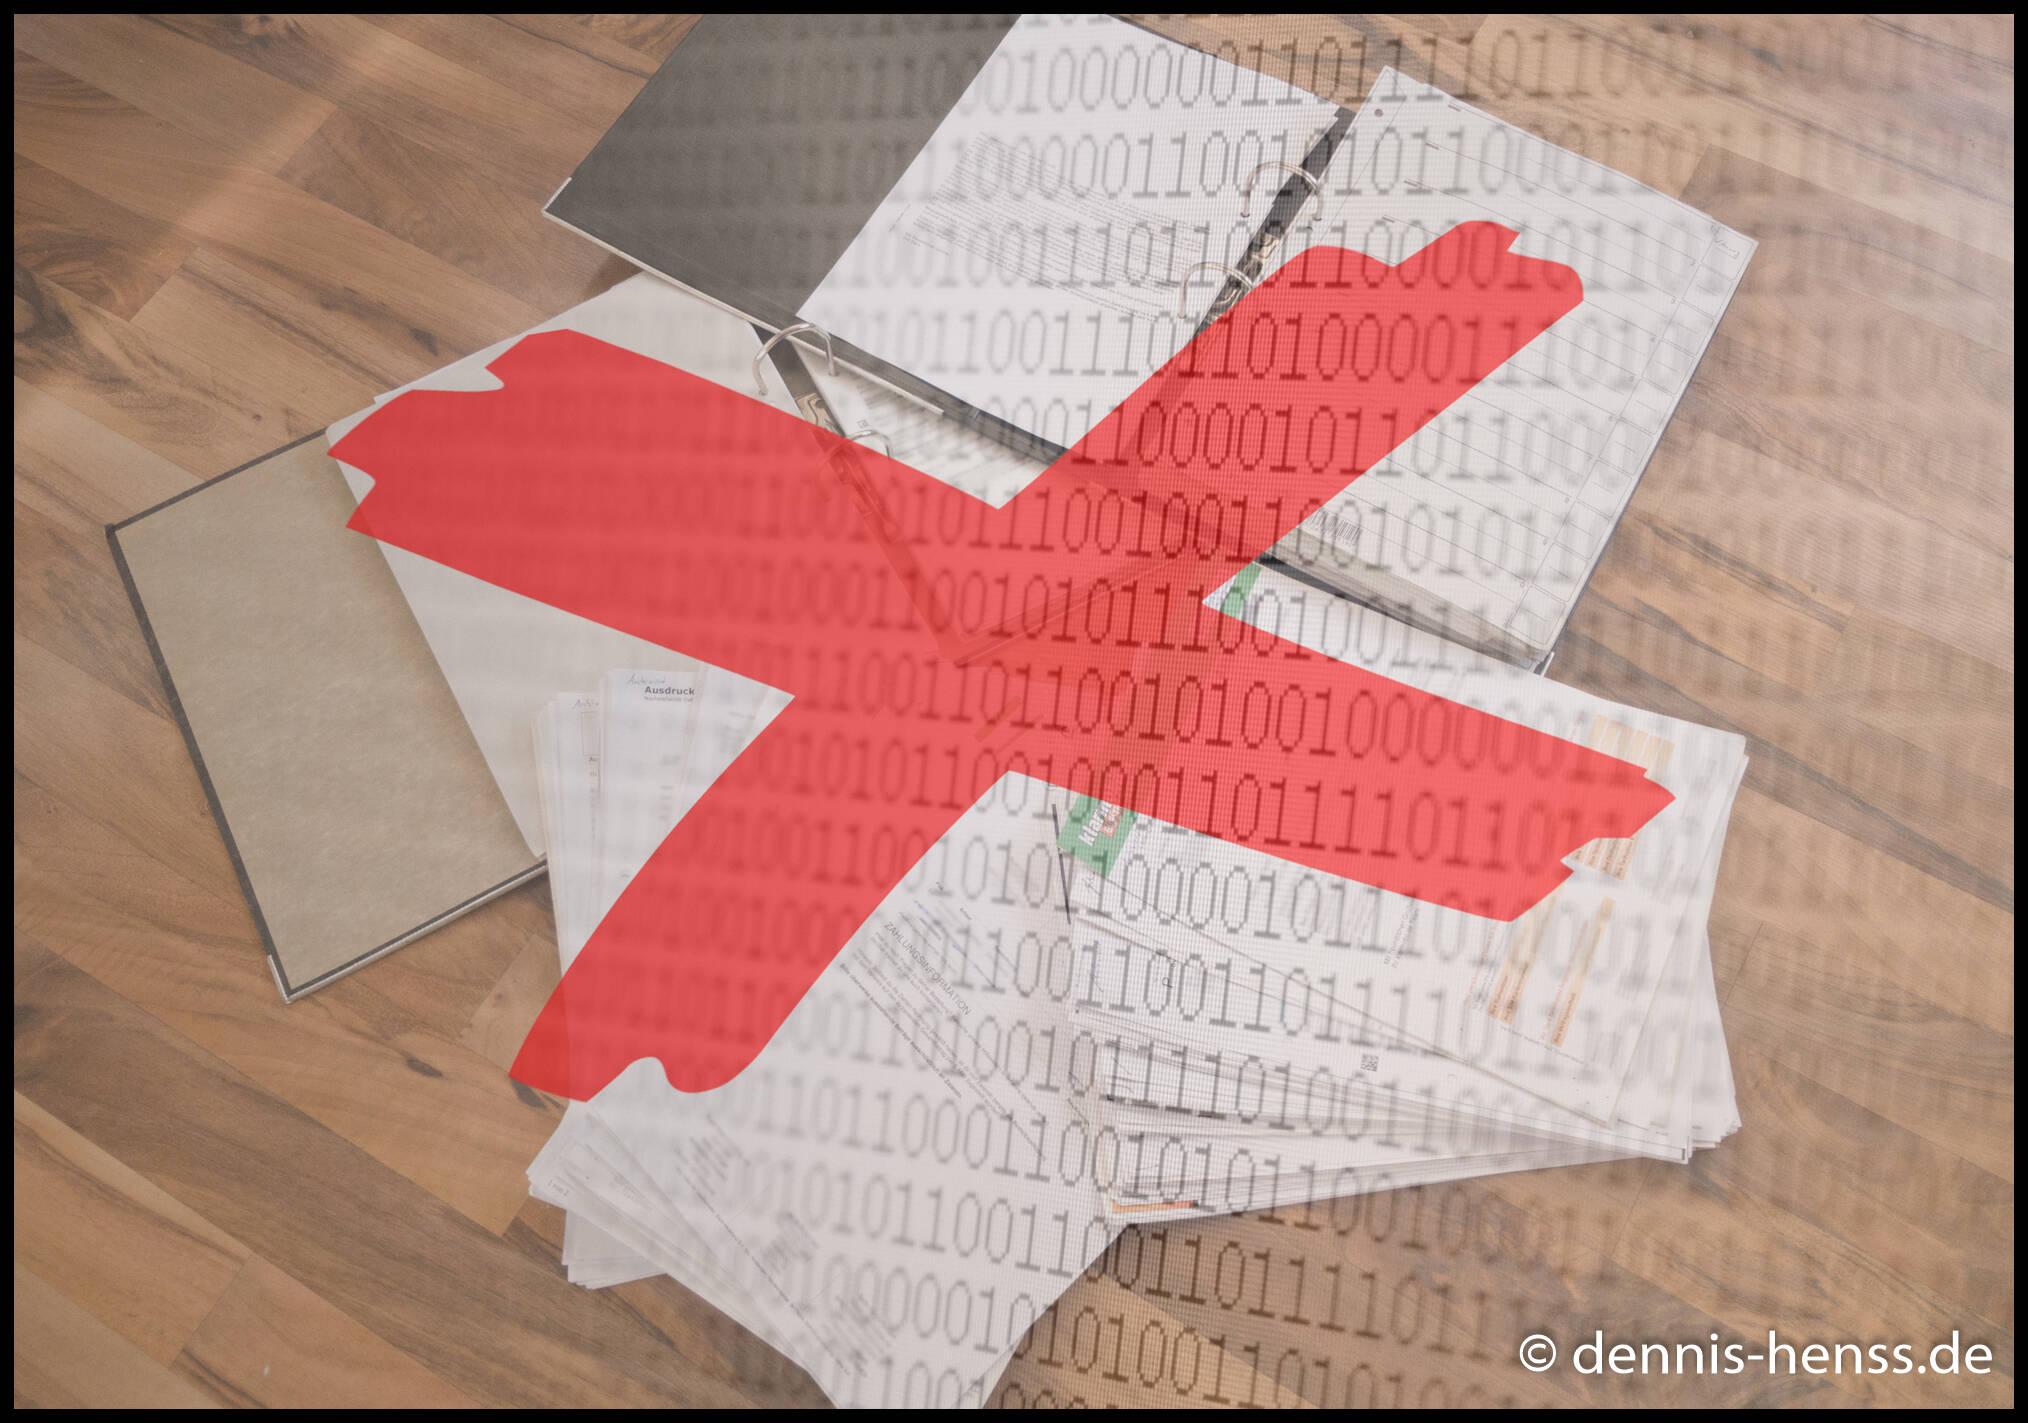 Bye bye Papierchaos - willkommen digitales Dokumentenarchiv